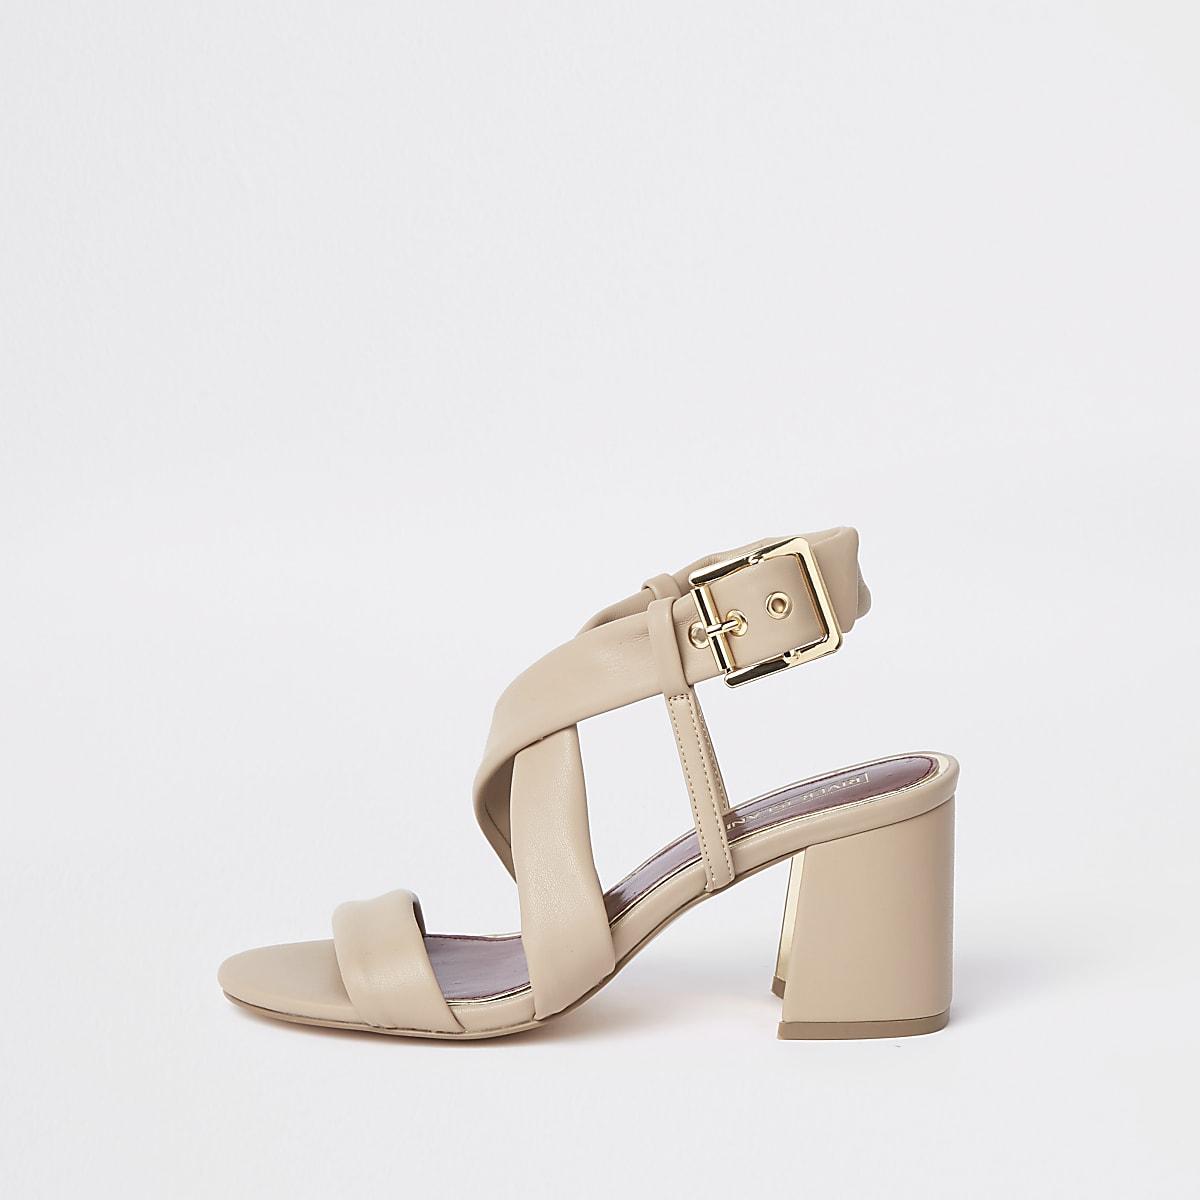 5d363ebbf7 Beige cross strap block heel sandals - Sandals - Shoes & Boots - women